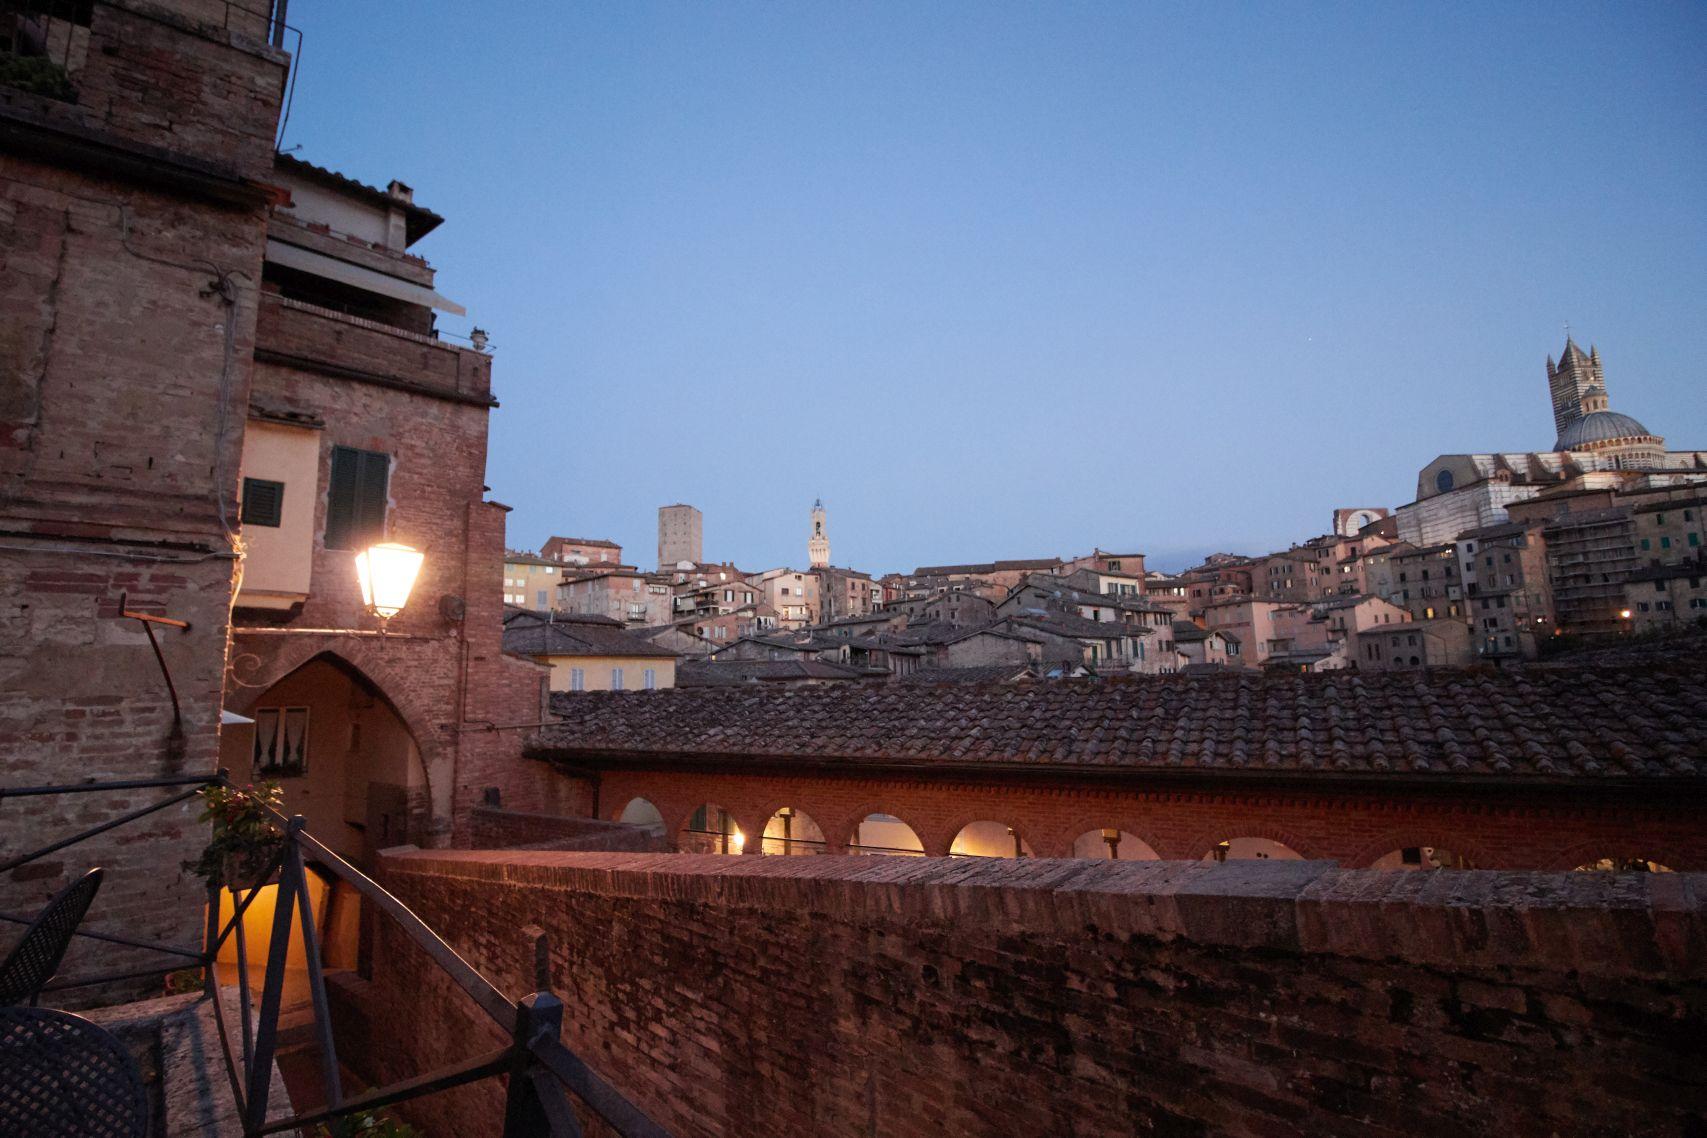 Restaurantaussicht auf die Altstadt von Siena als Stopp vom Toskana Roadtrip